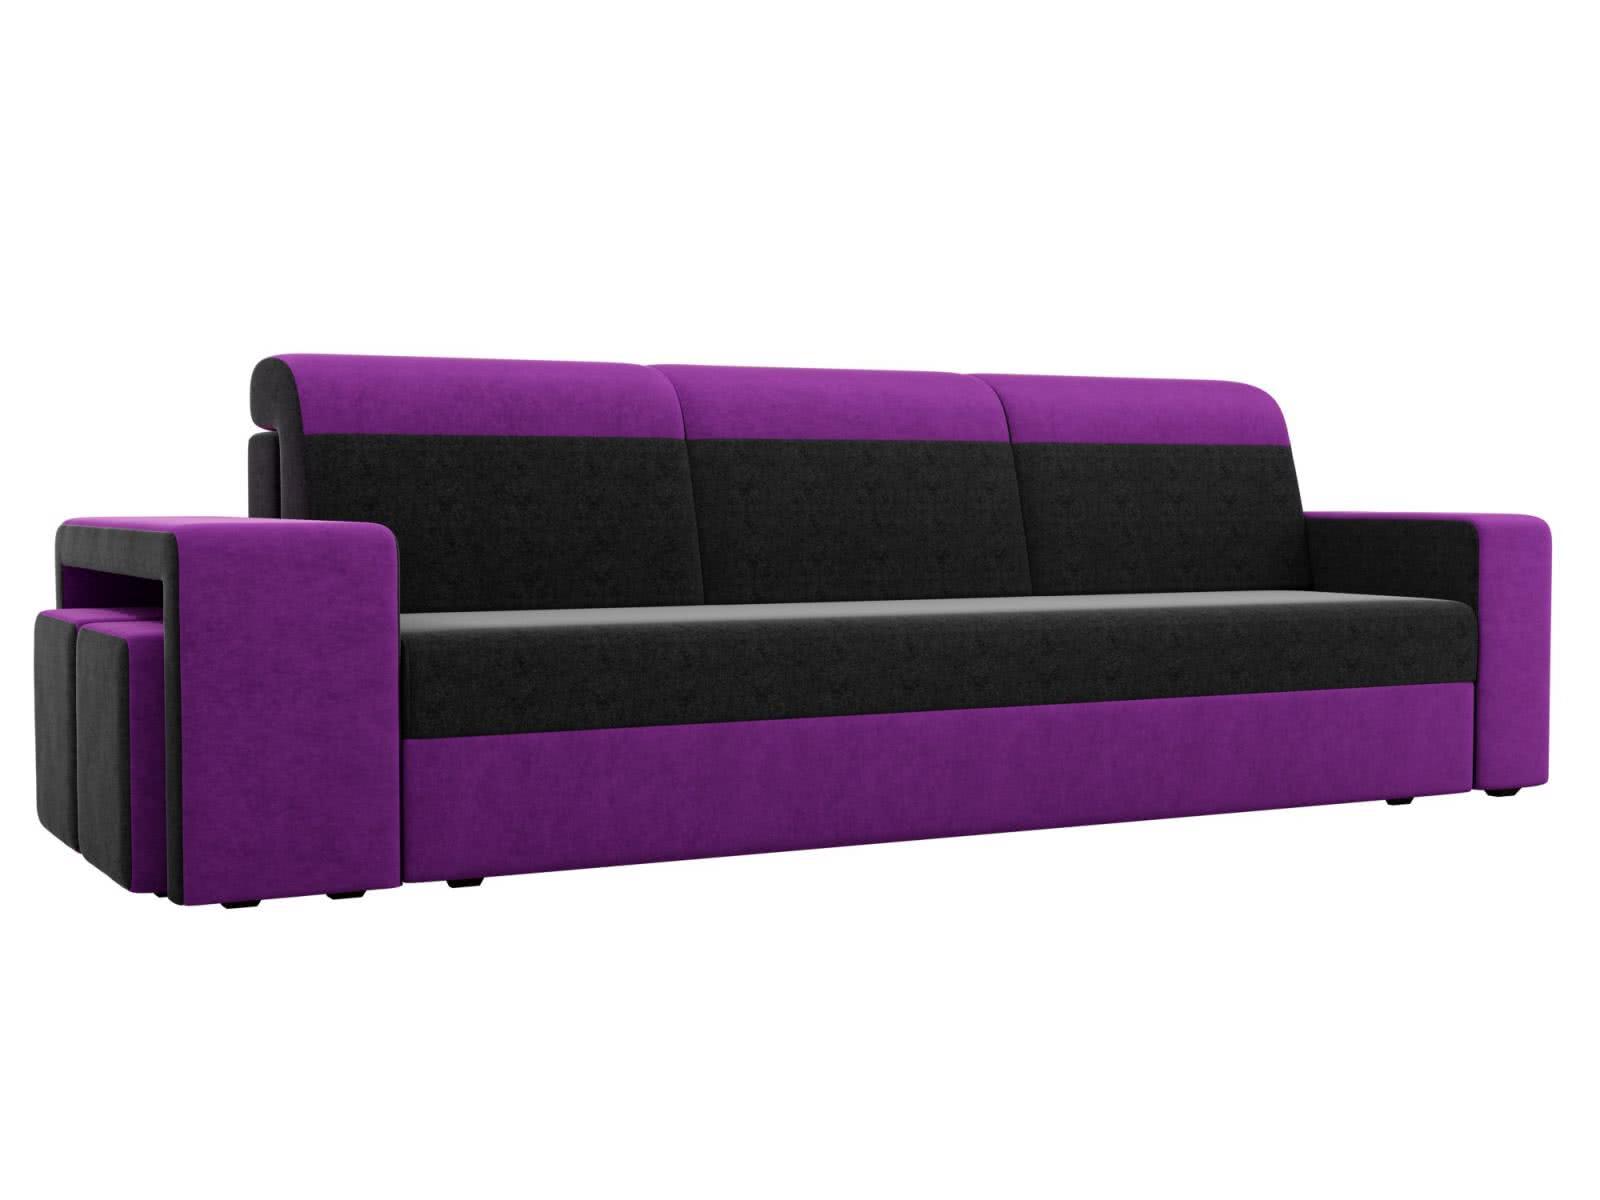 Диван прямой Мебелико Модена с двумя пуфами микровельвет черный/фиолетовый